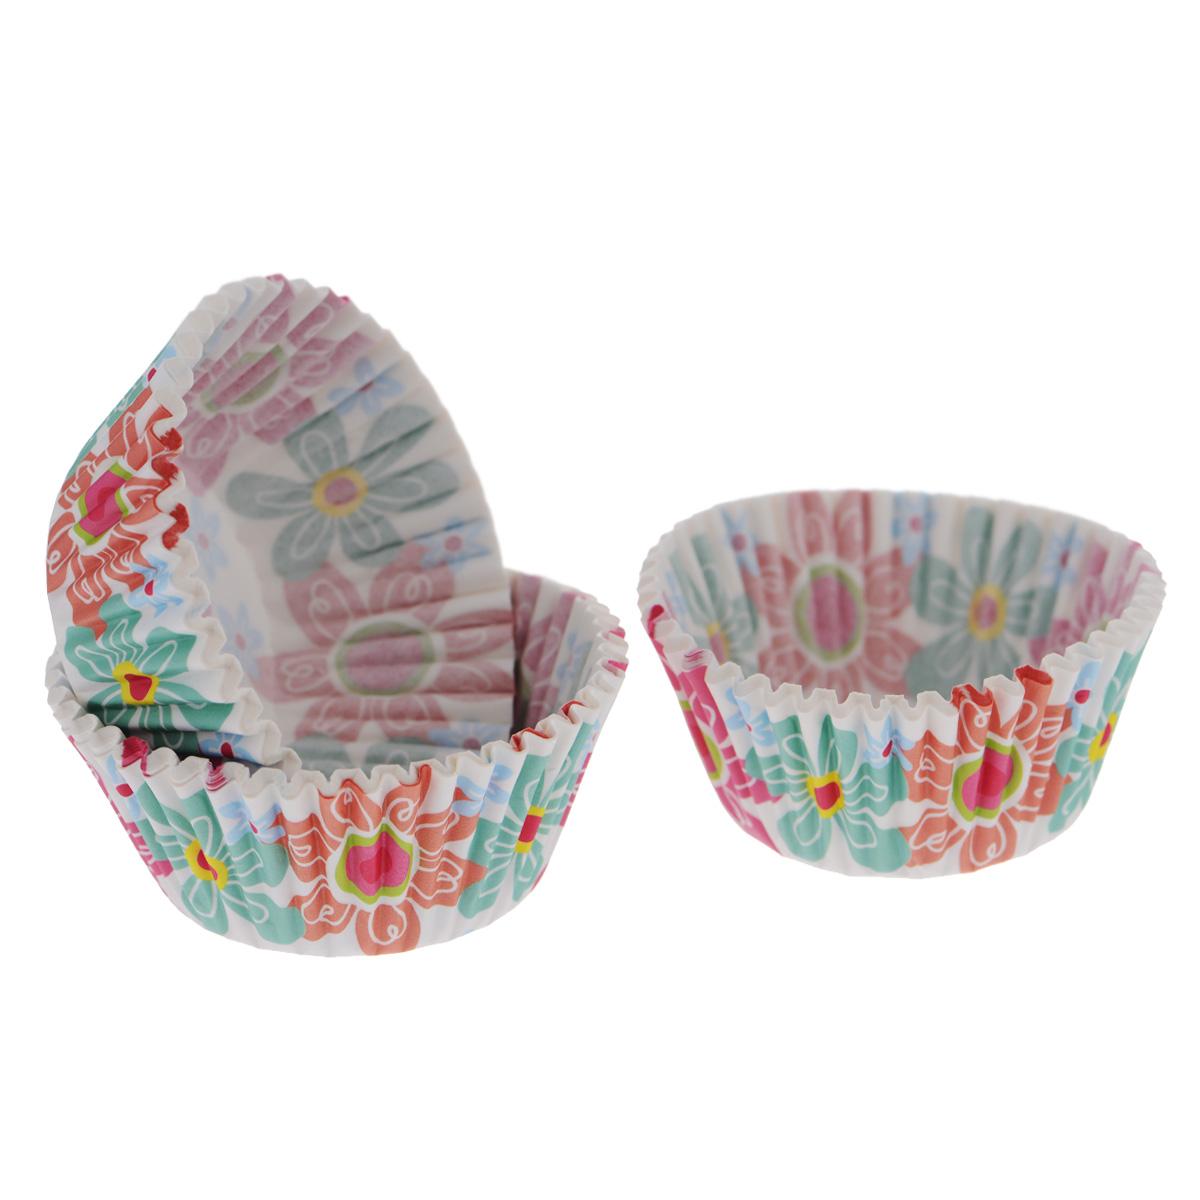 Набор бумажных форм для кексов Wilton Весна, диаметр 5 см, 75 штWLT-415-6080Набор Wilton Весна состоит из 75 бумажных форм для кексов. Они предназначены для выпечки и упаковки кондитерских изделий, также могут использоваться для сервировки орешков, конфет и др. Формы не требуют предварительной смазки маслом или жиром. Для одноразового применения. Гофрированные бумажные формы идеальны для выпечки кексов, булочек и пирожных.